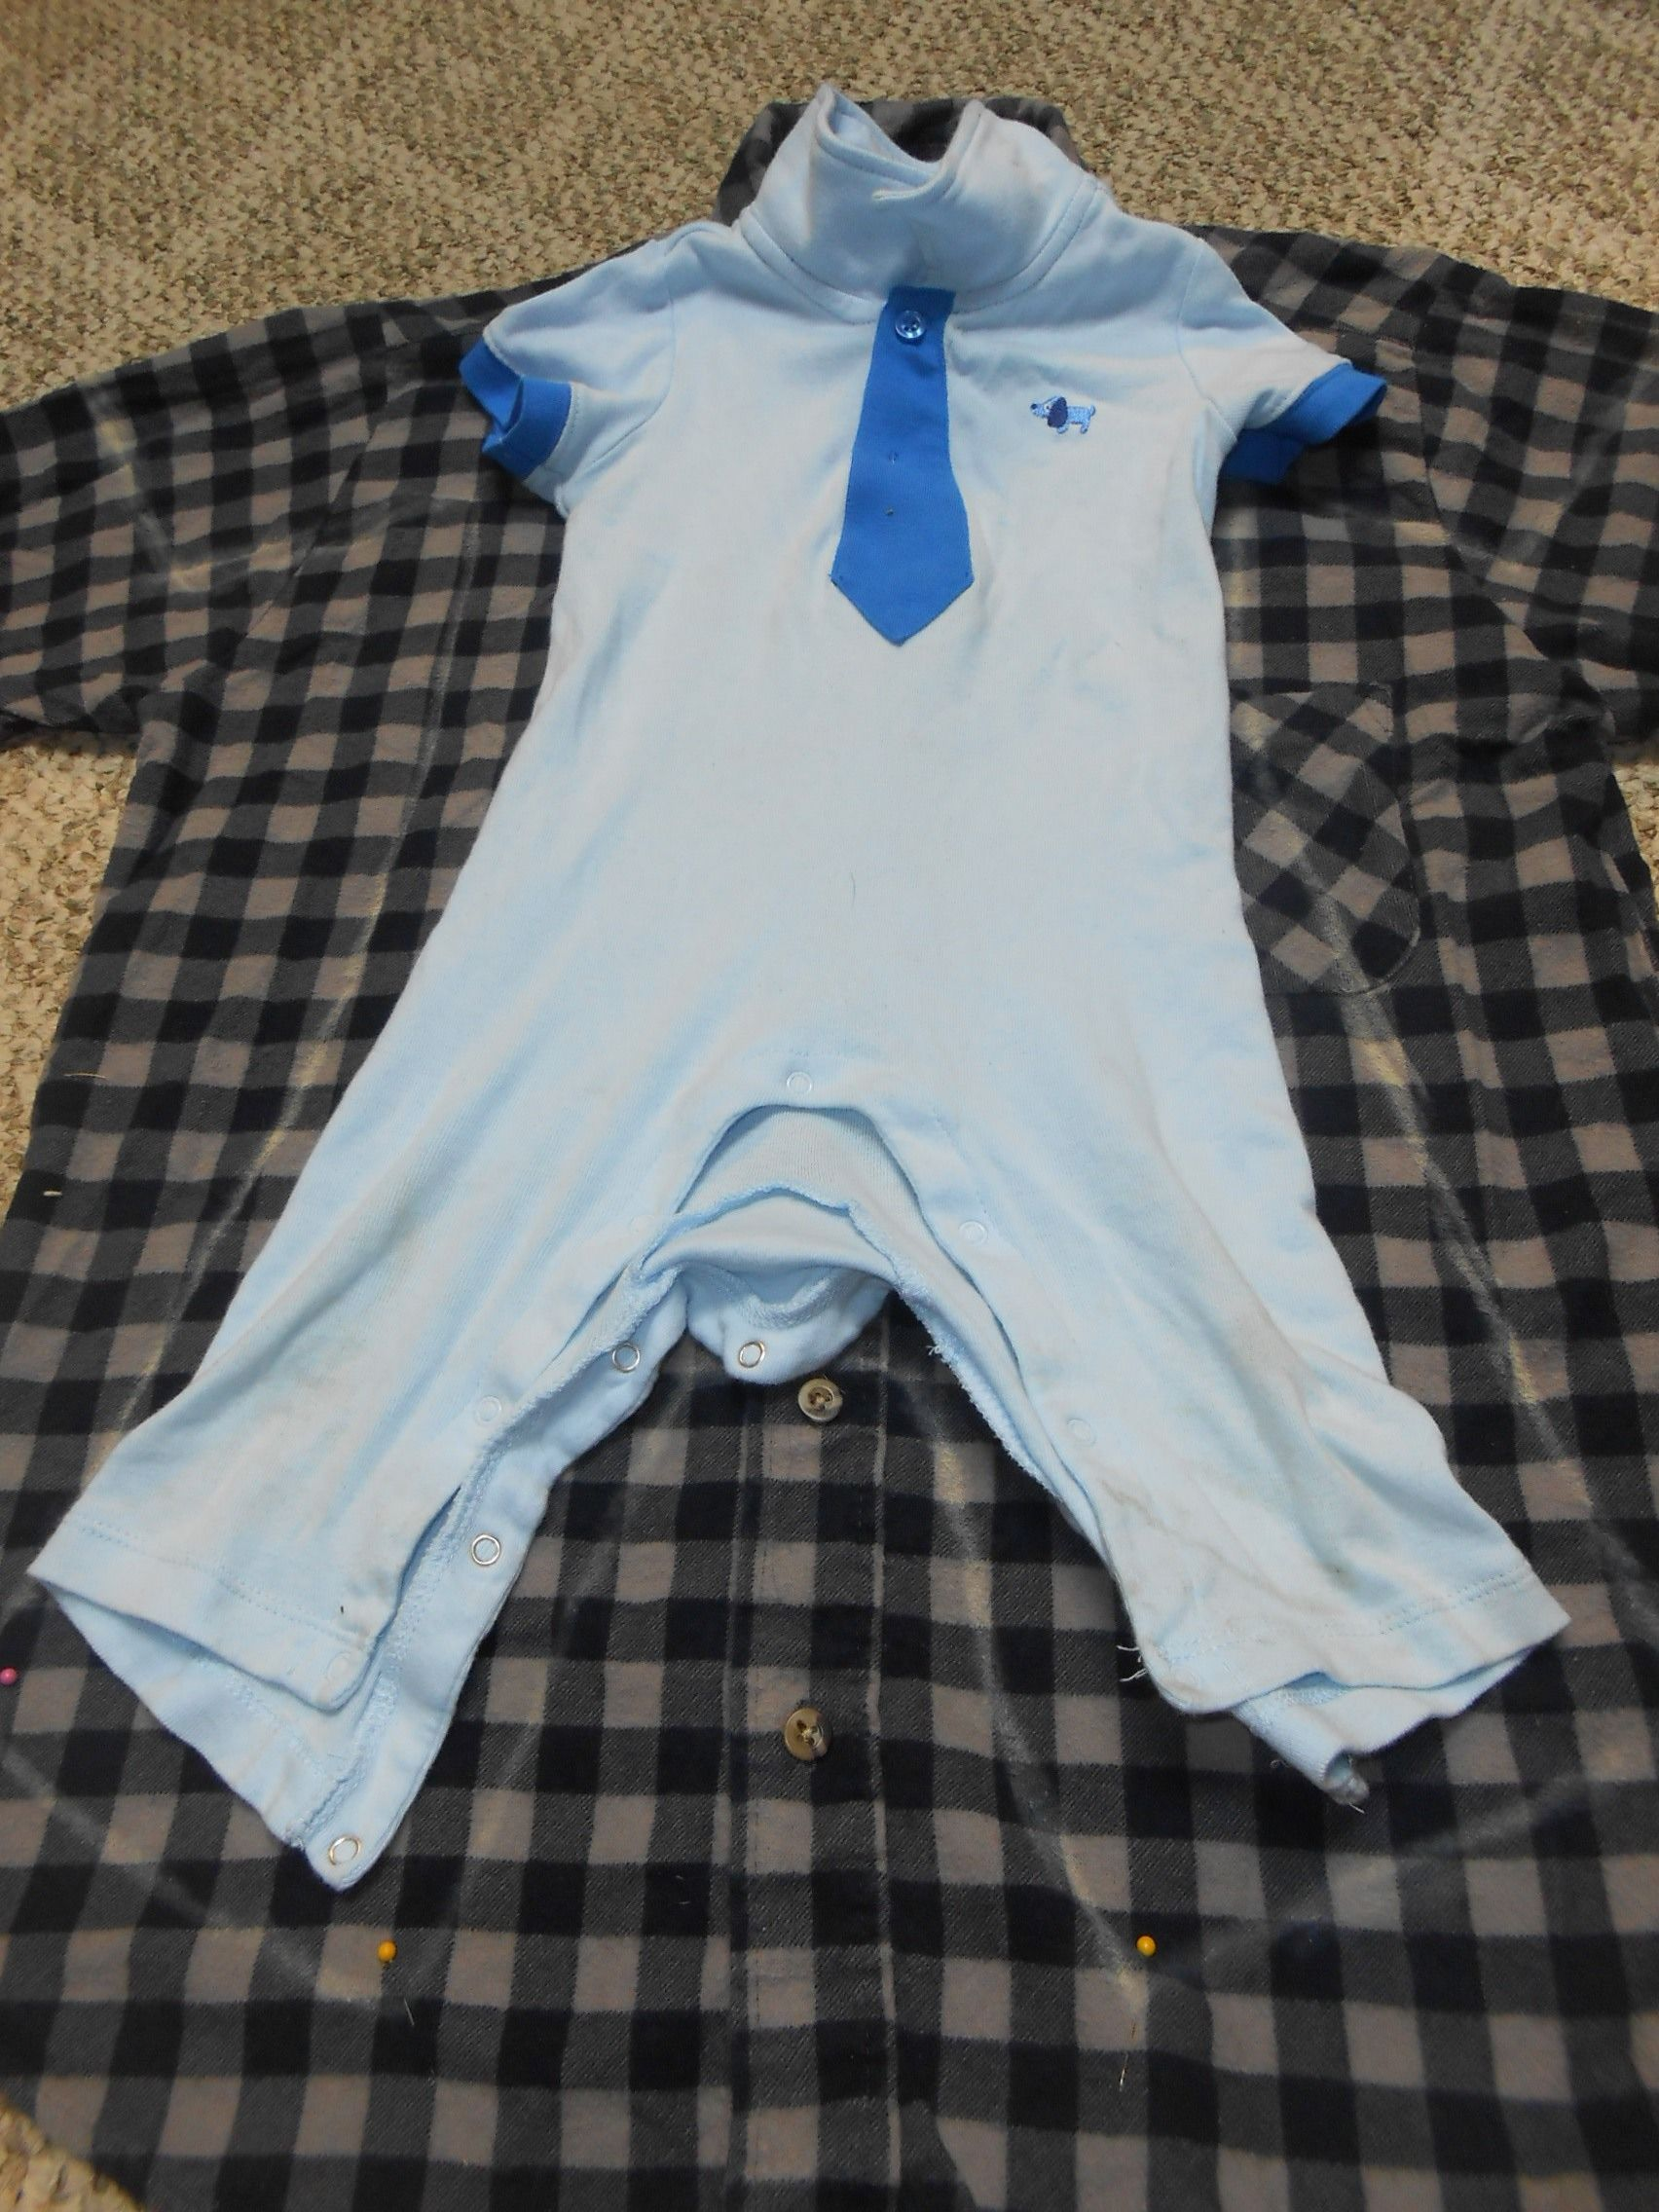 Refashion Flannel Onesie from Man's Shirt